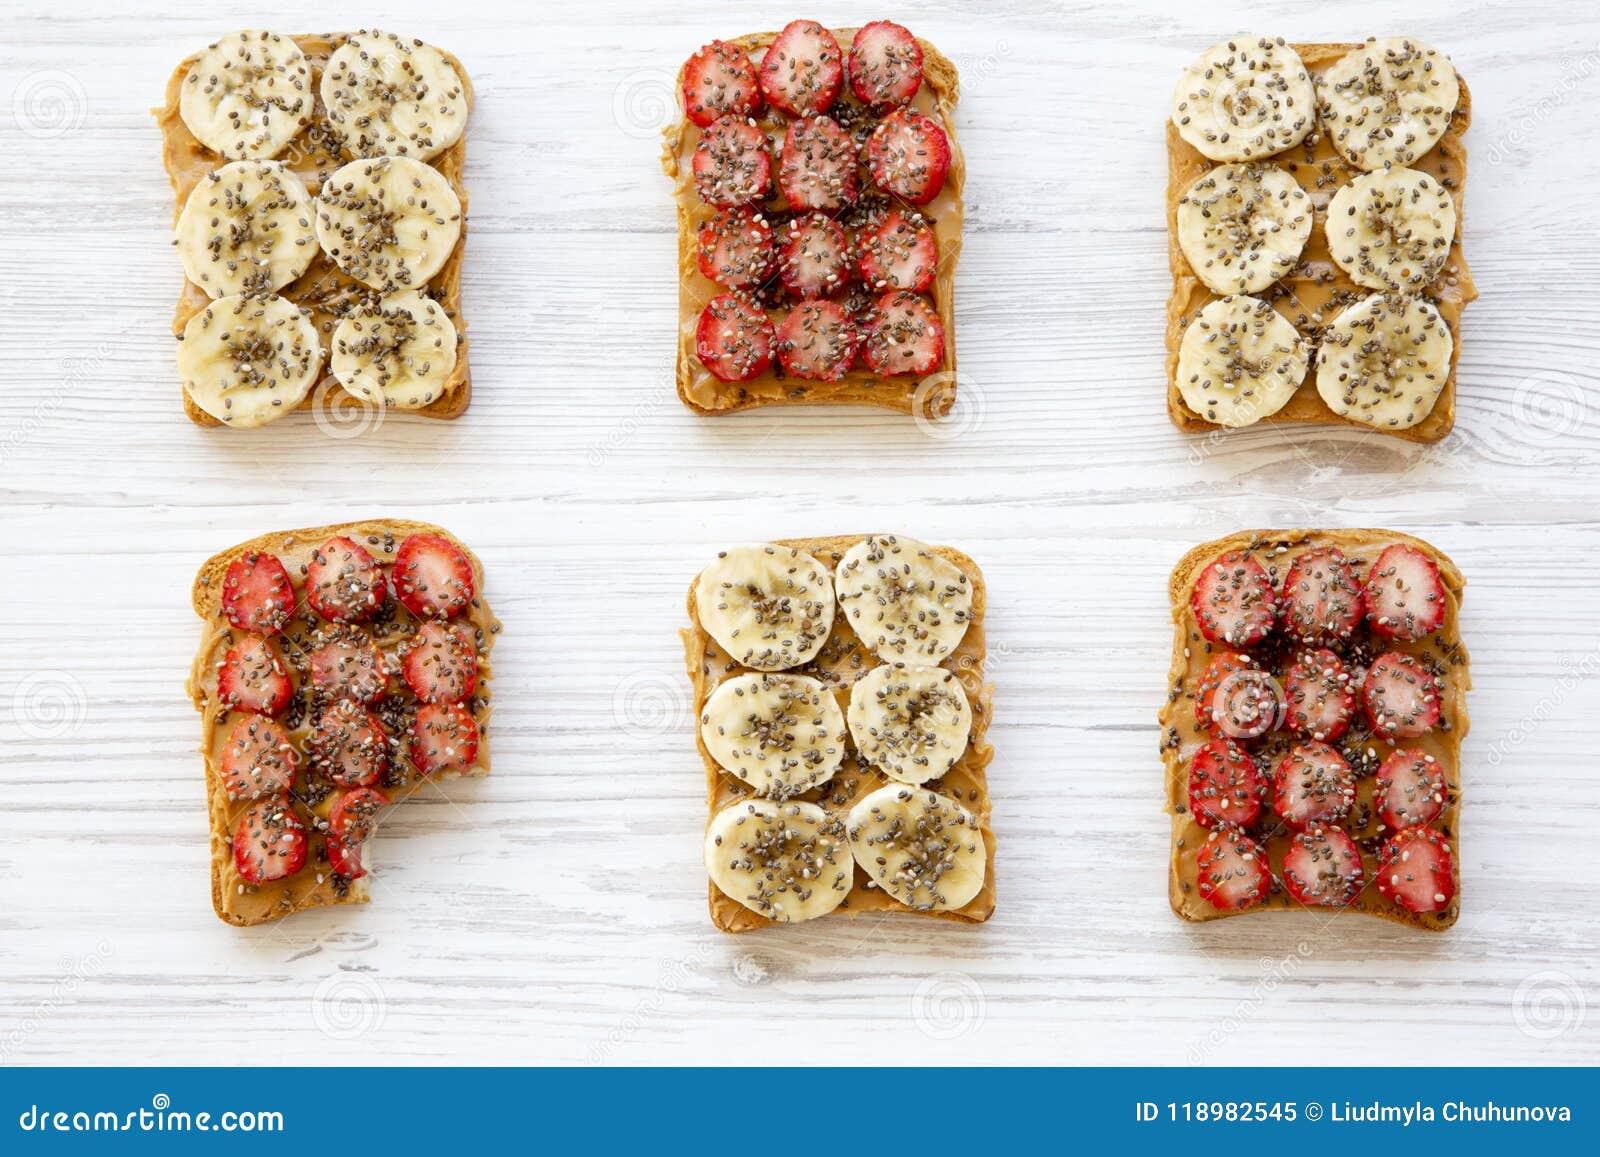 Gezond ontbijt, het op dieet zijn concept Veganisttoosts en één gebeten toost met vruchten, zaden, pindakaas op witte houten acht